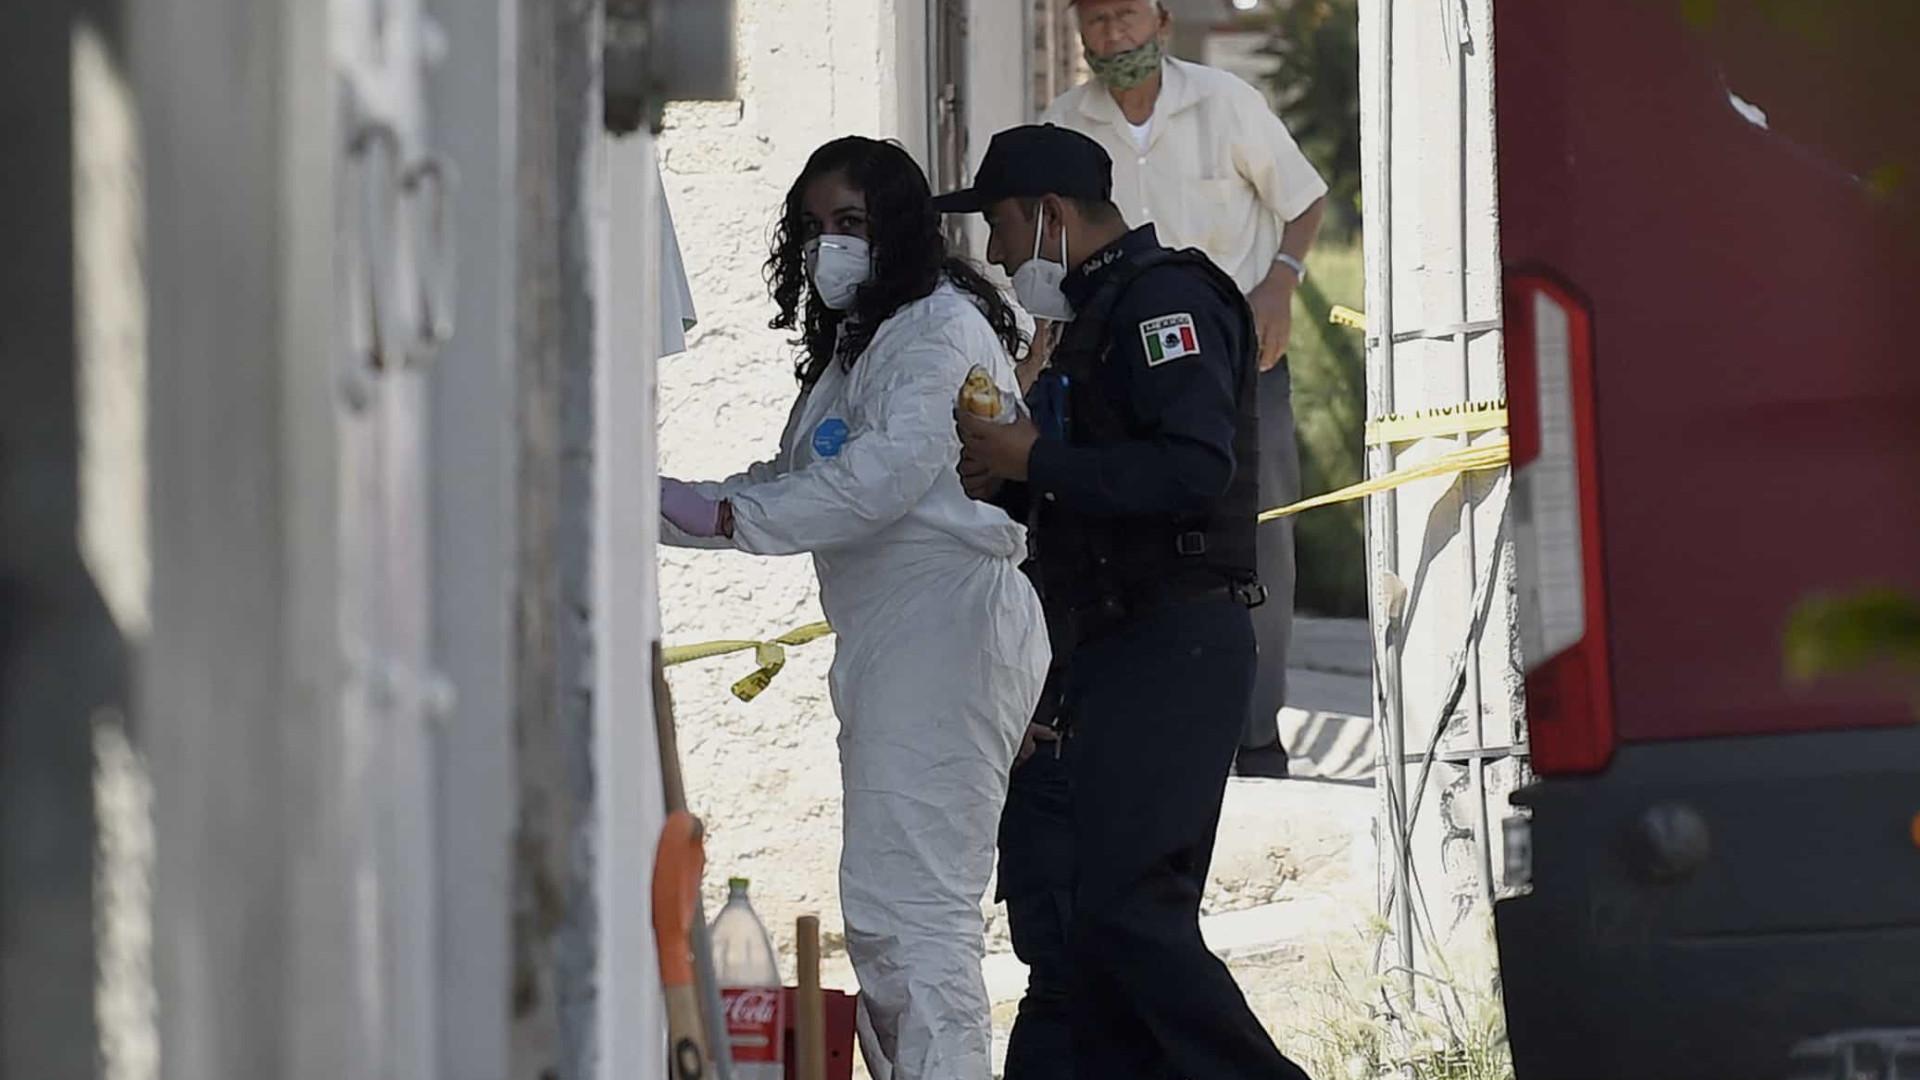 Provas encontradas em casa de assassino em série apontam para 17 vítimas